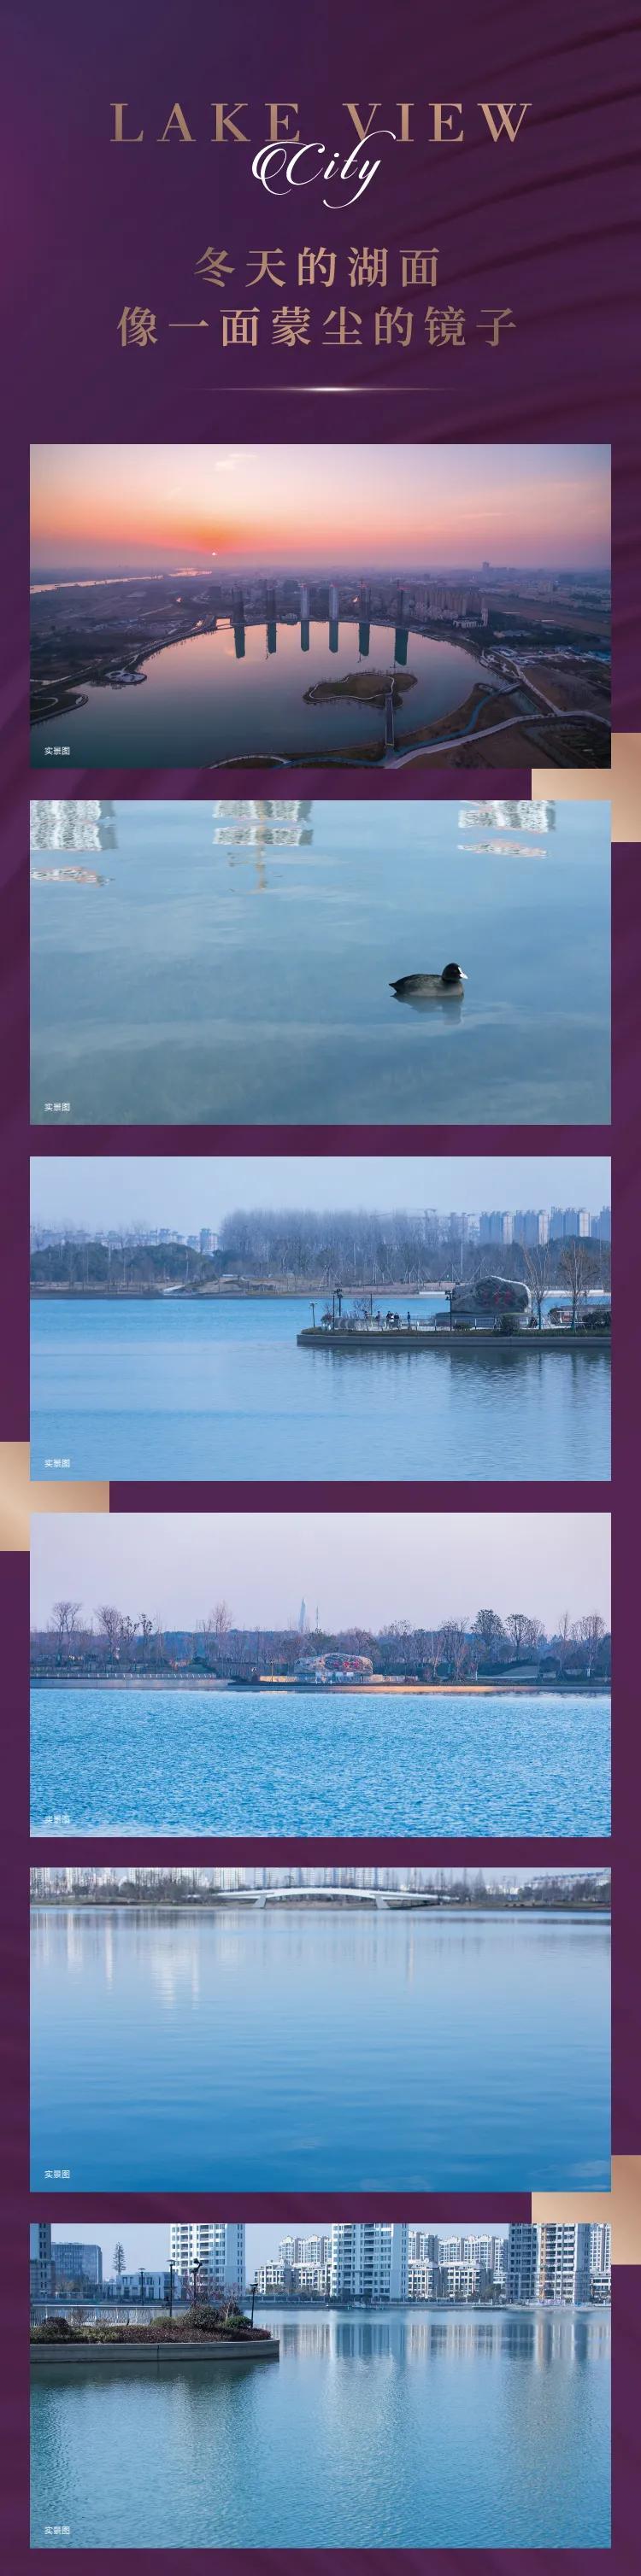 兰香湖生态社区美图集锦(四)